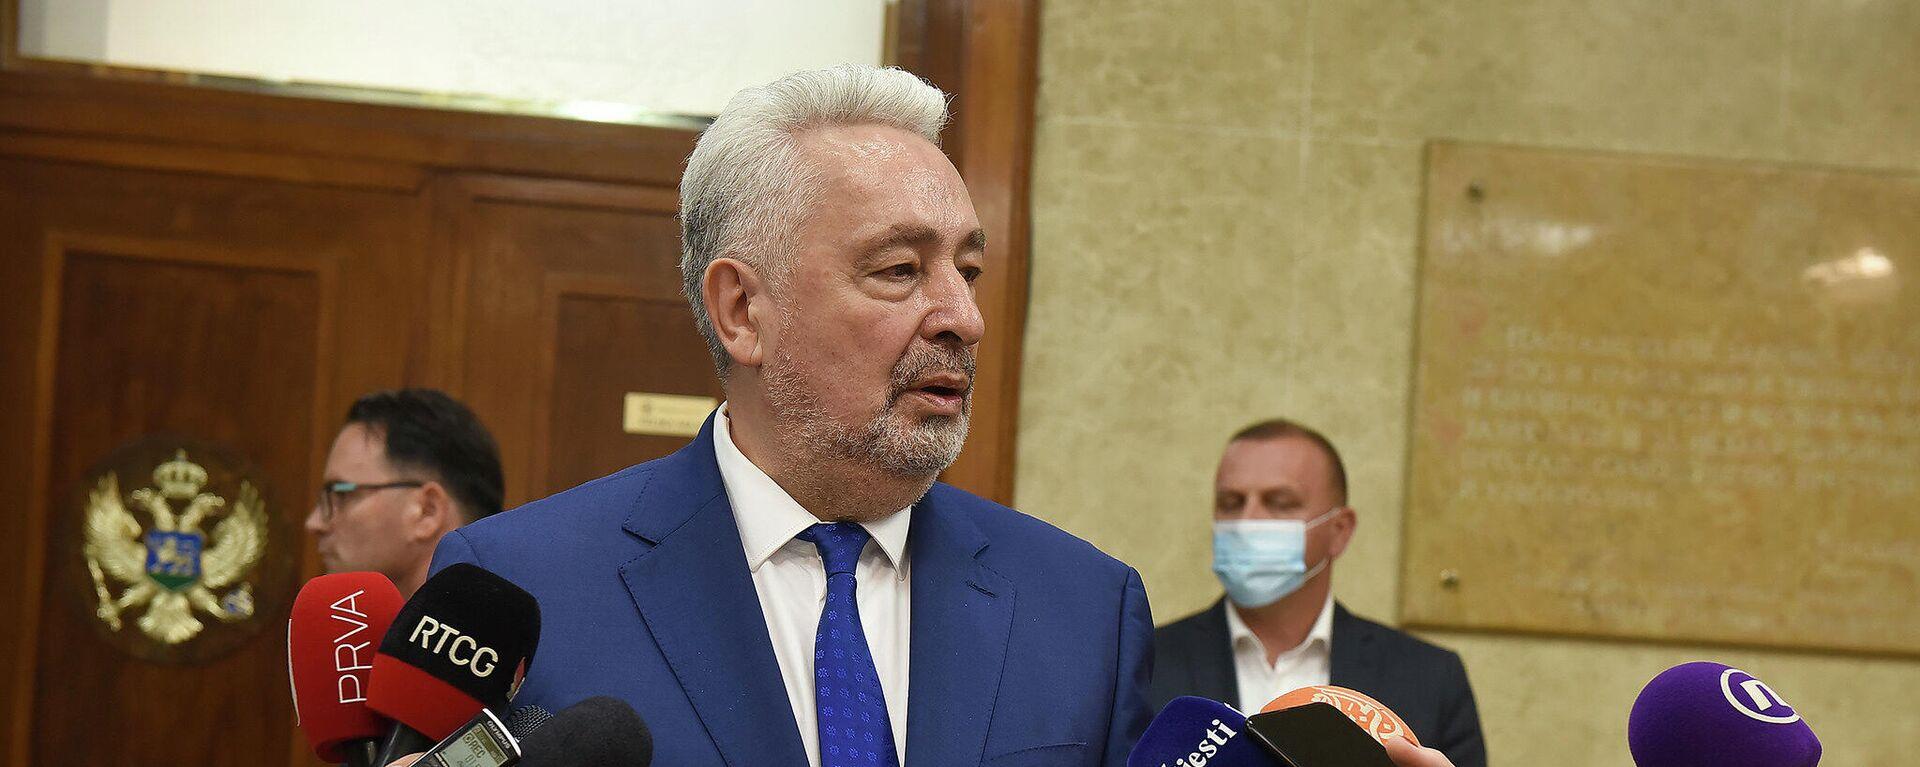 Premijer Crne Gore Zdravko Krivokapić - Sputnik Srbija, 1920, 02.09.2021